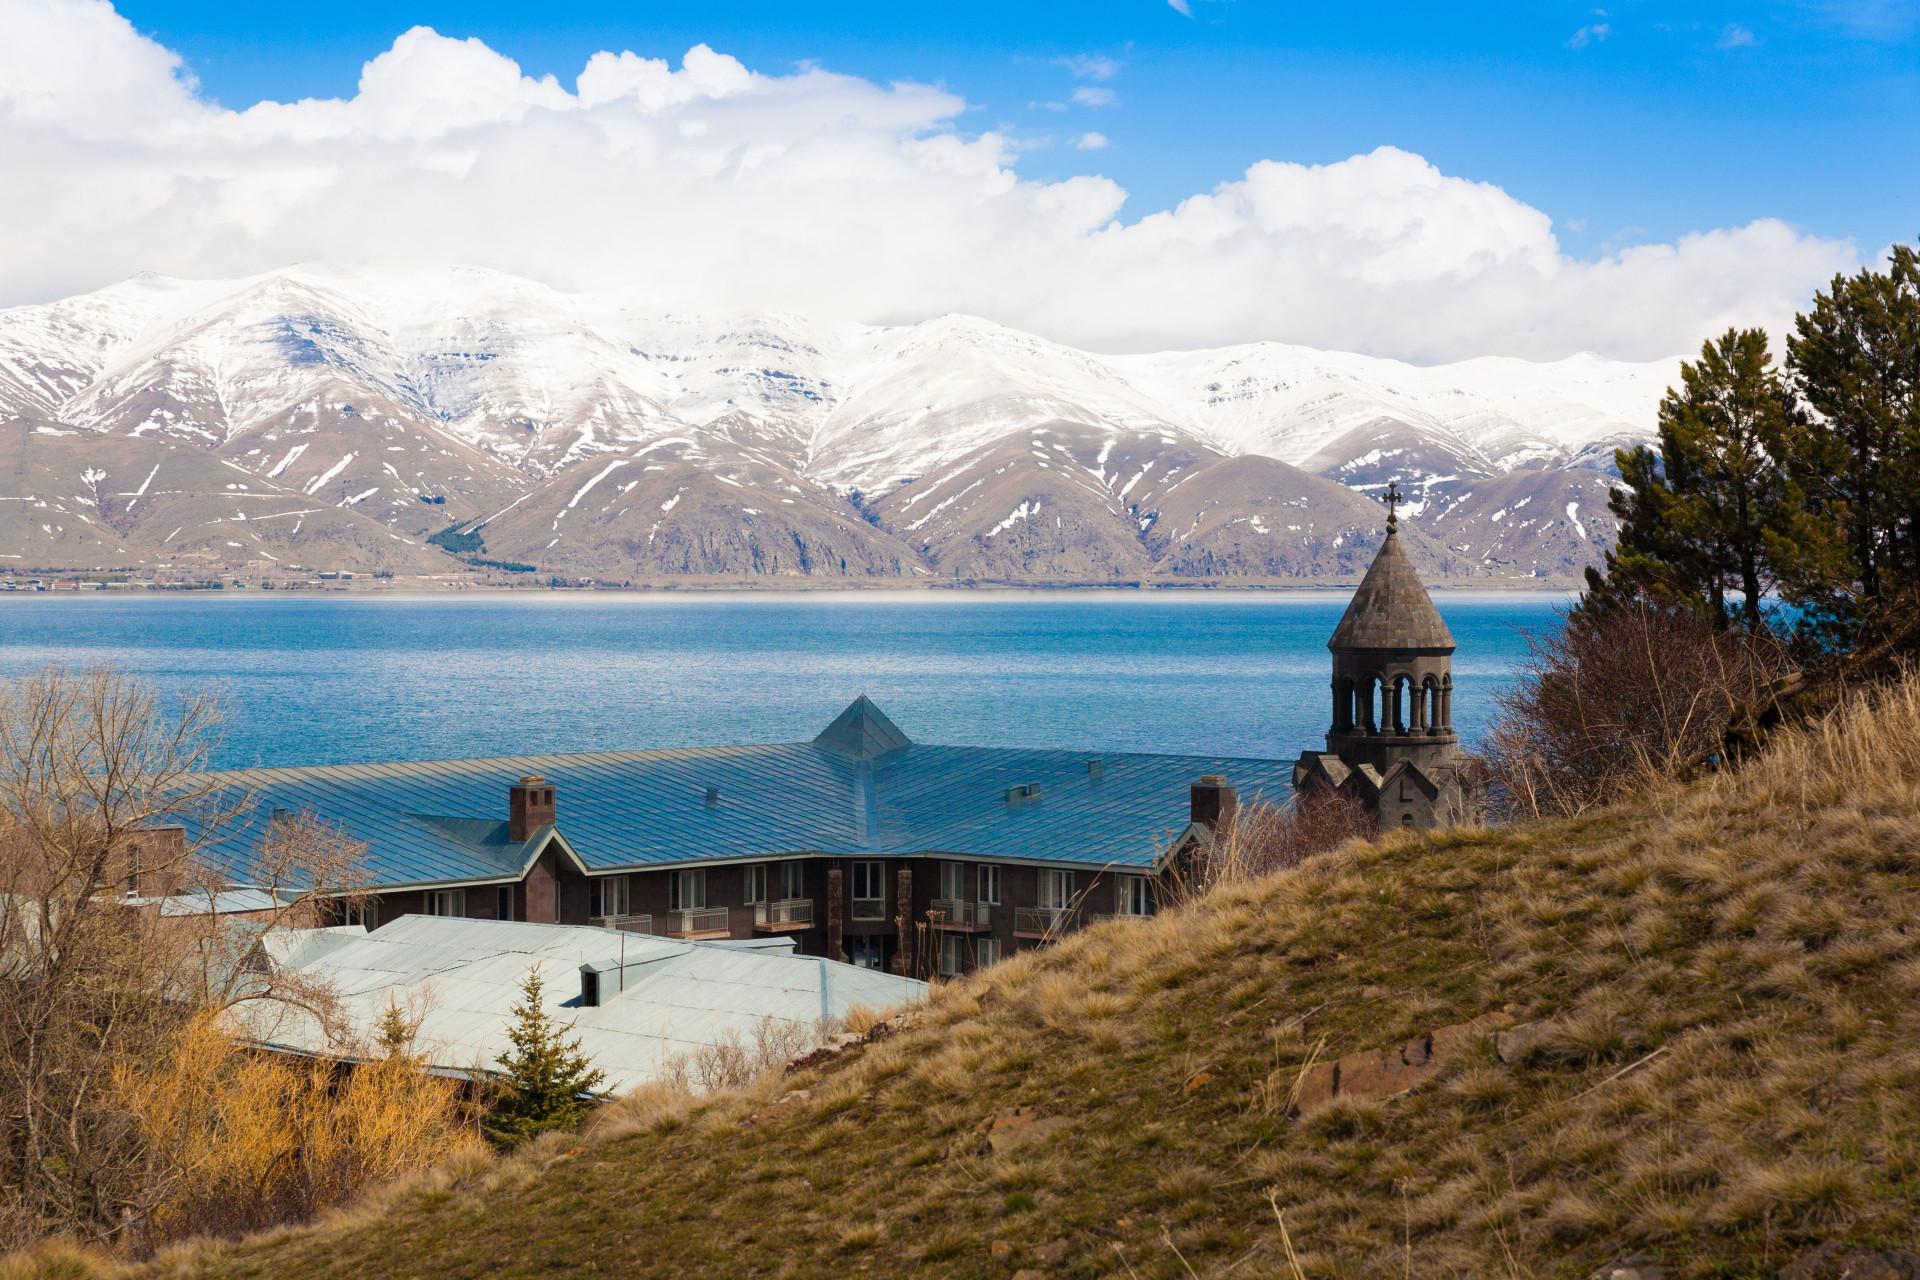 Armênia: aventure-se por esse destino sagrado e de paisagens incríveis